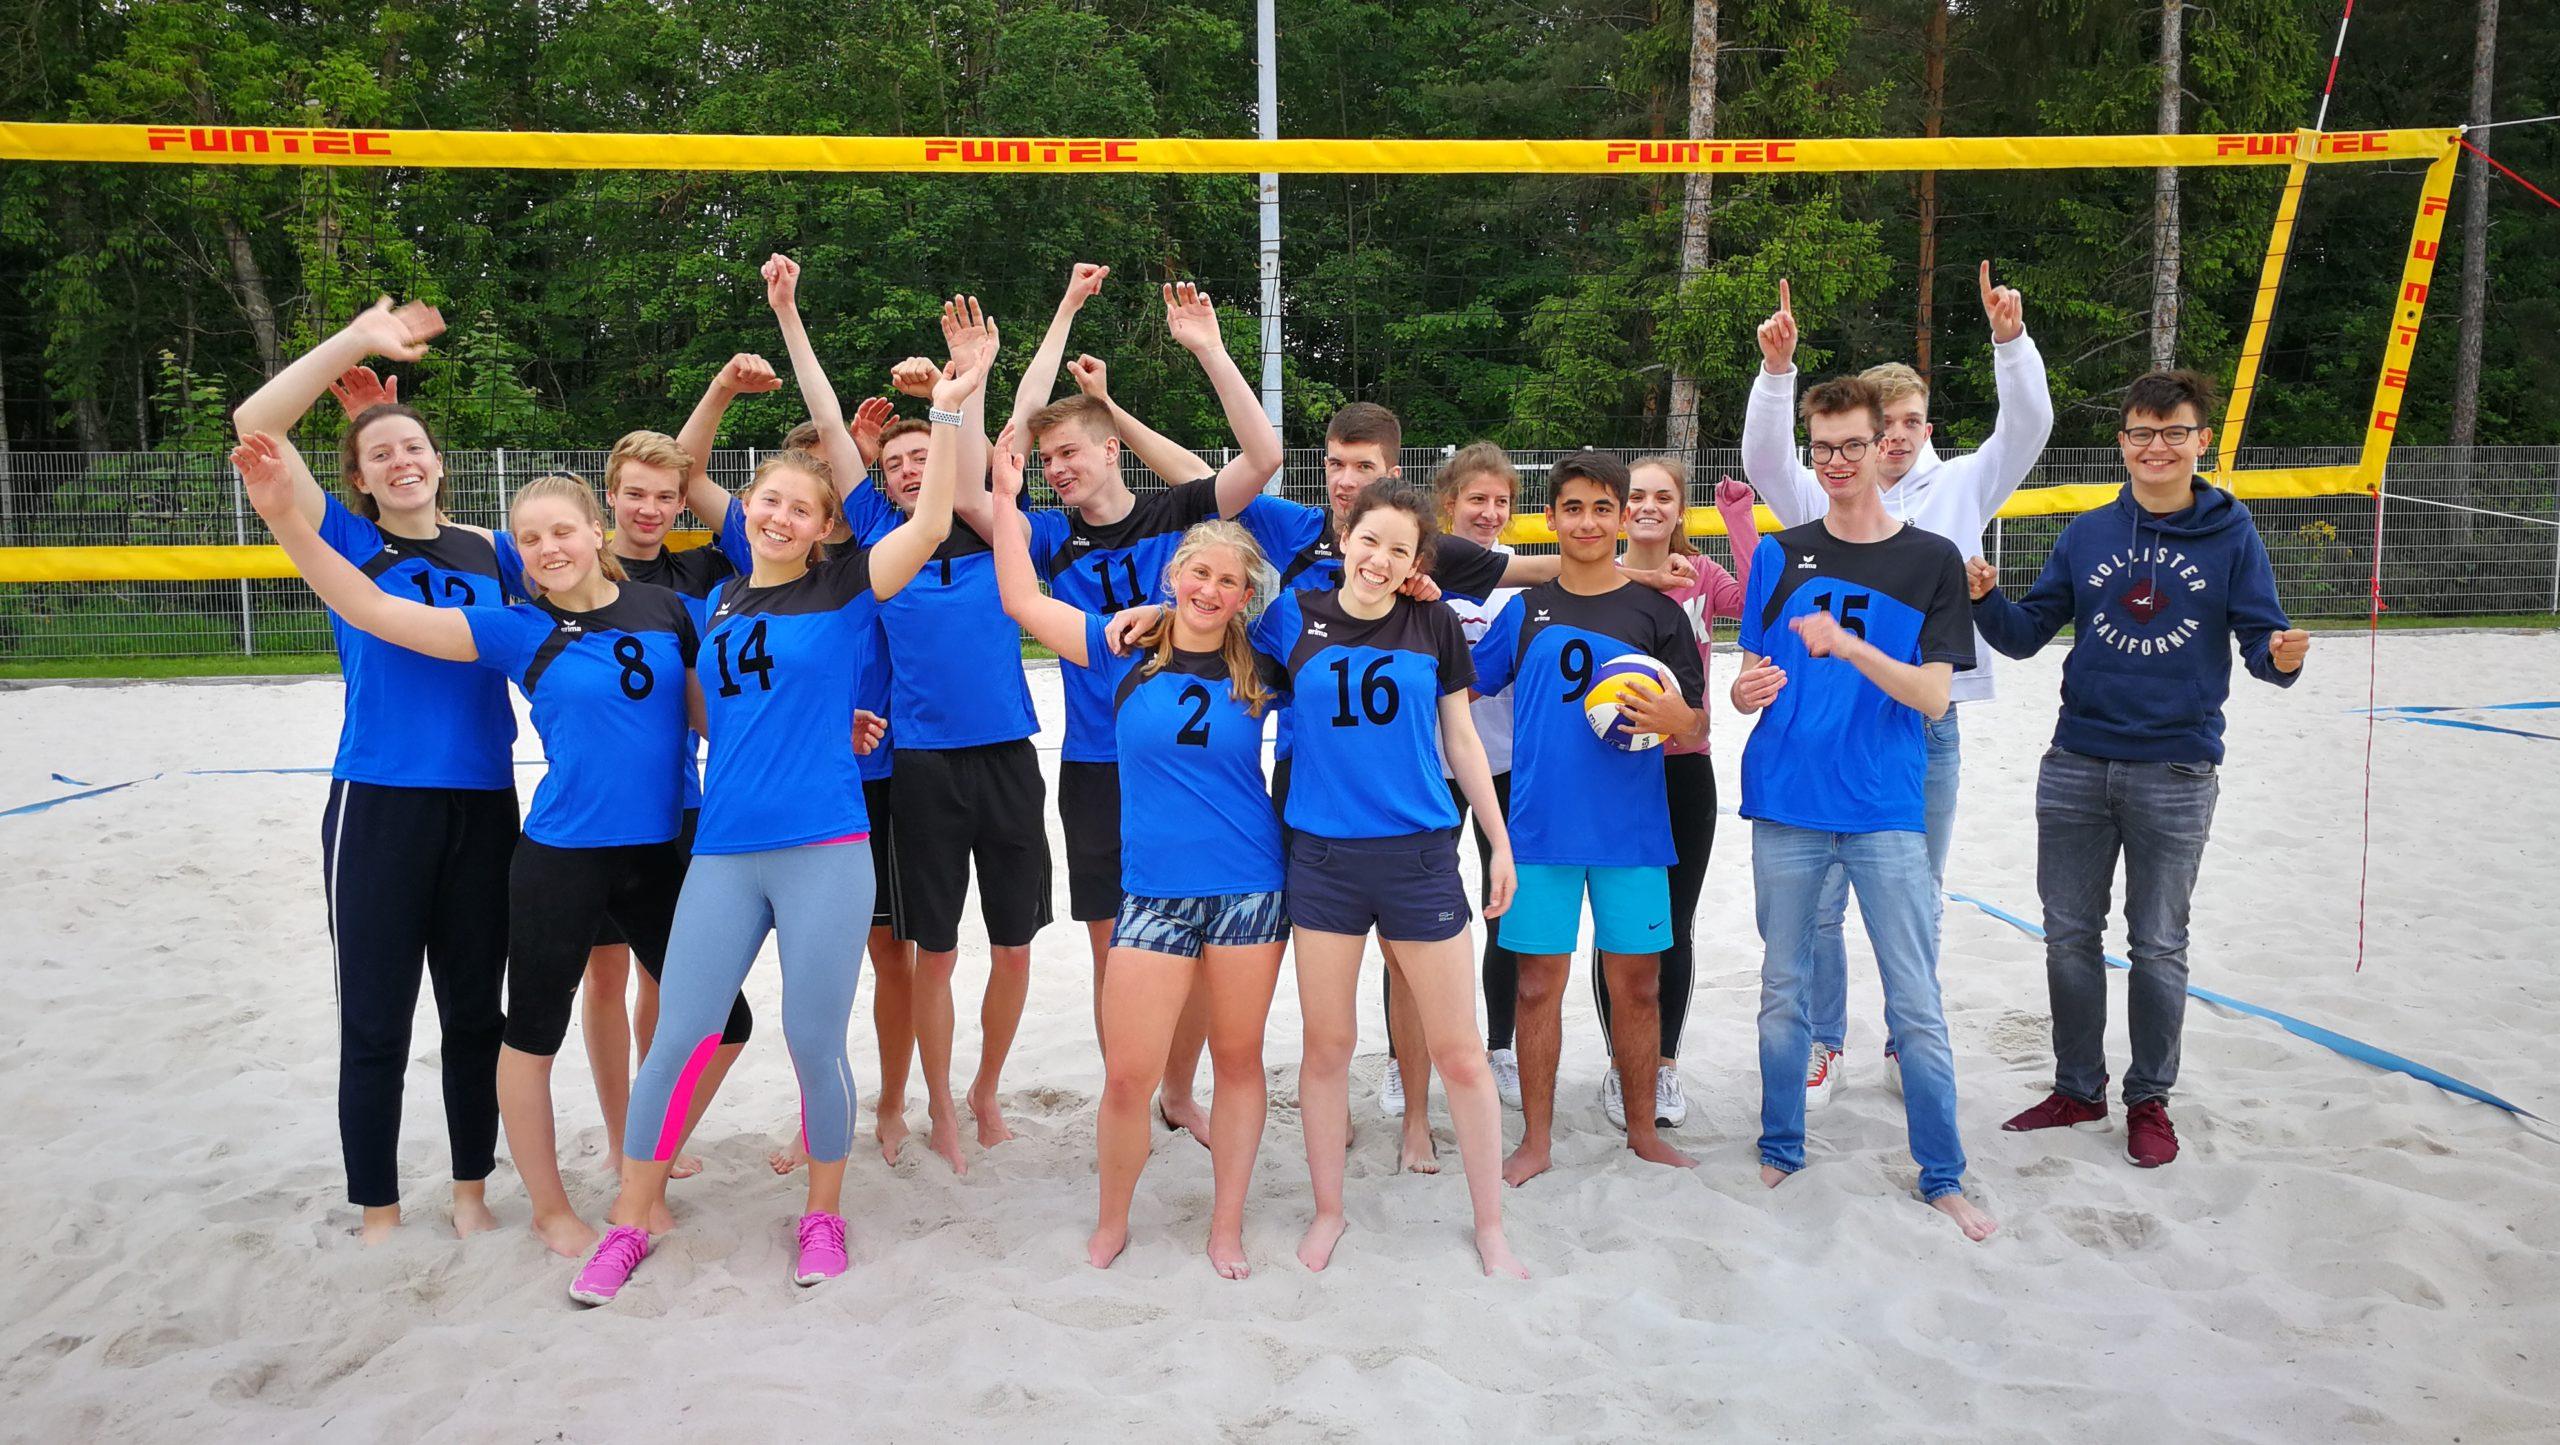 Stadtmeisterschaften im Beachvolleyball Jungen und Mädchen II